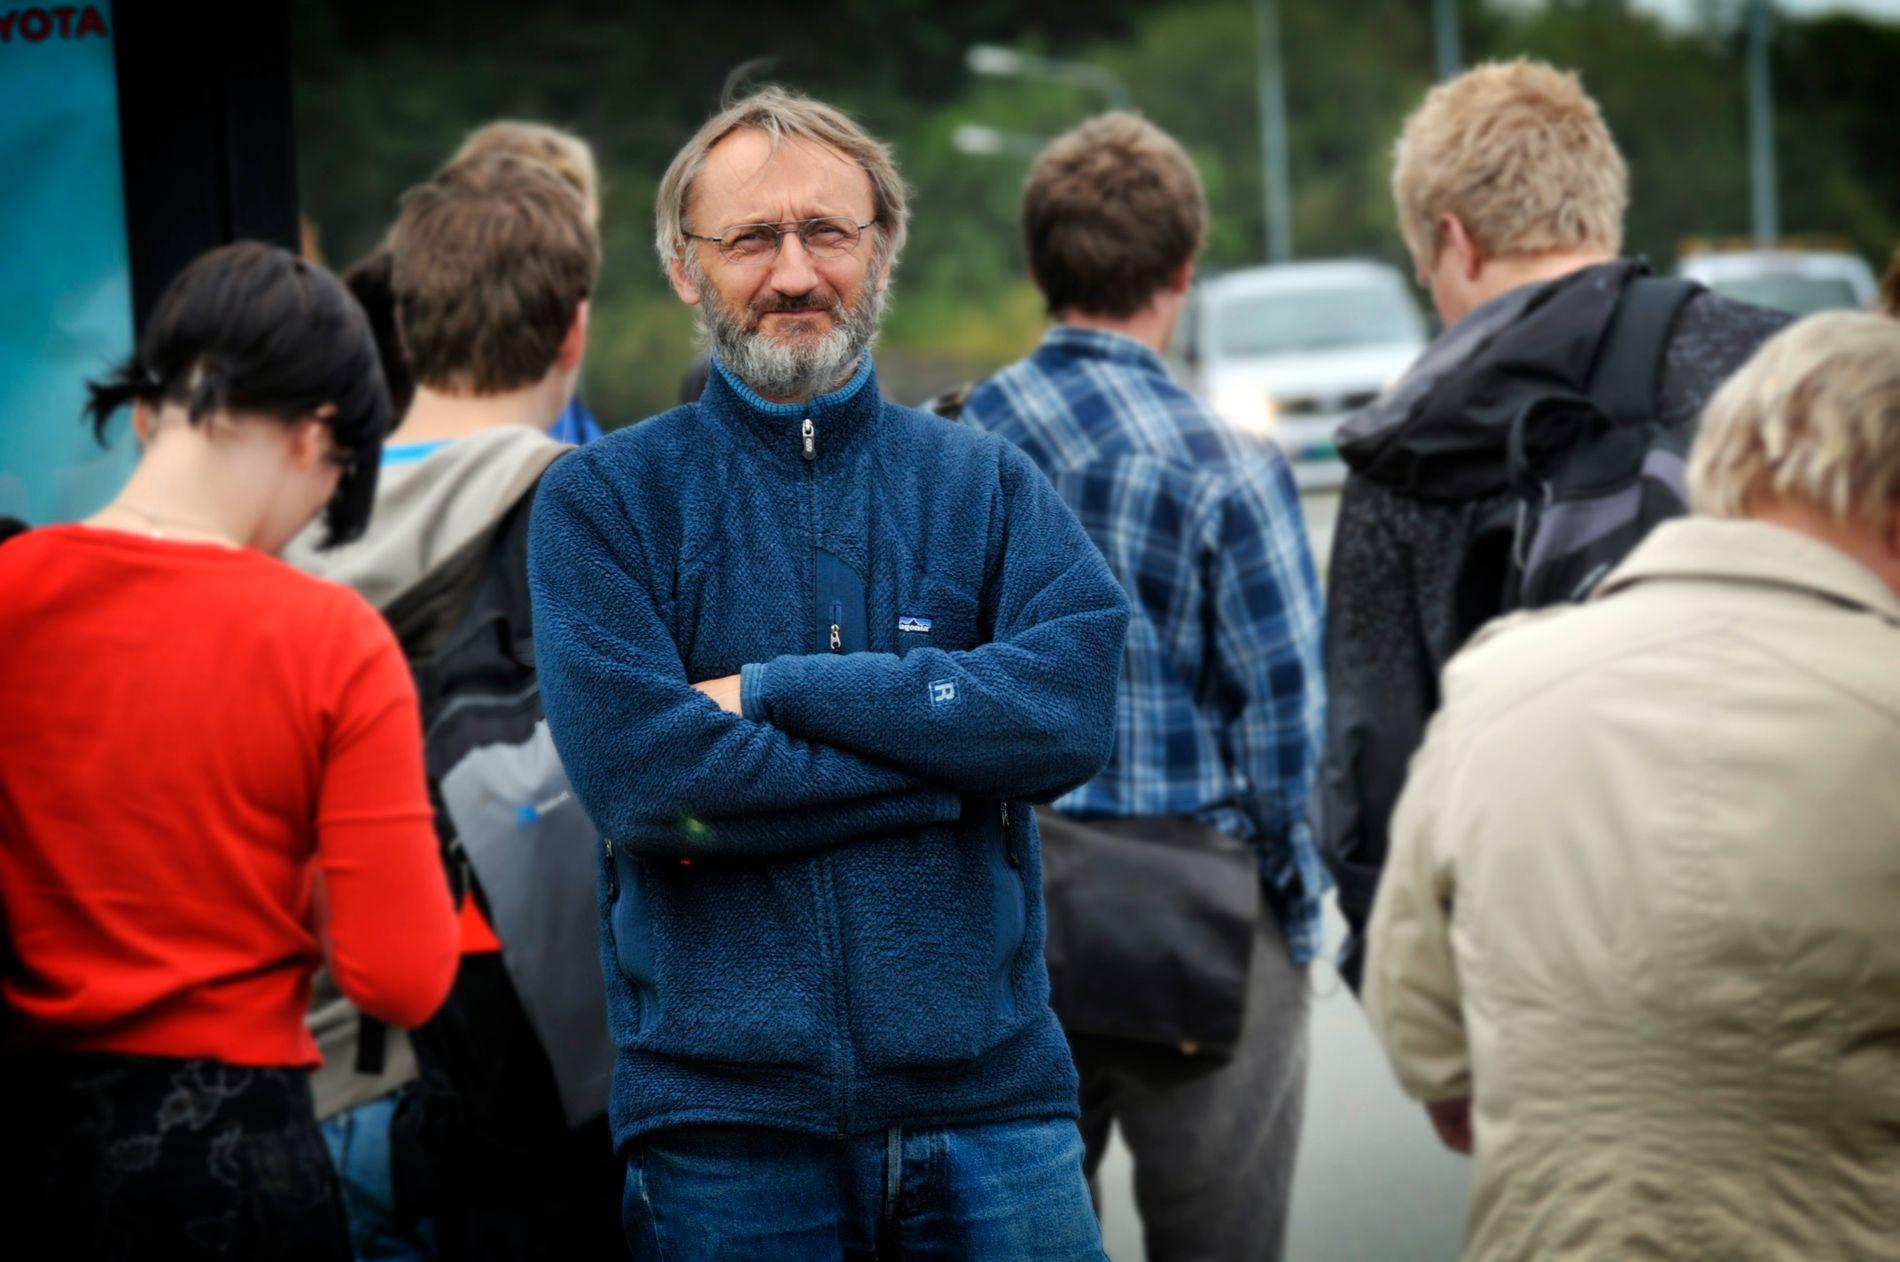 POLITIKK-PROFESSOR: Anders Todal Jenssen ved NTNU i Trondheim ønsker seg større bredde og variasjon i bakgrunnen til folkene som utgjør politisk ledelse i departementene.